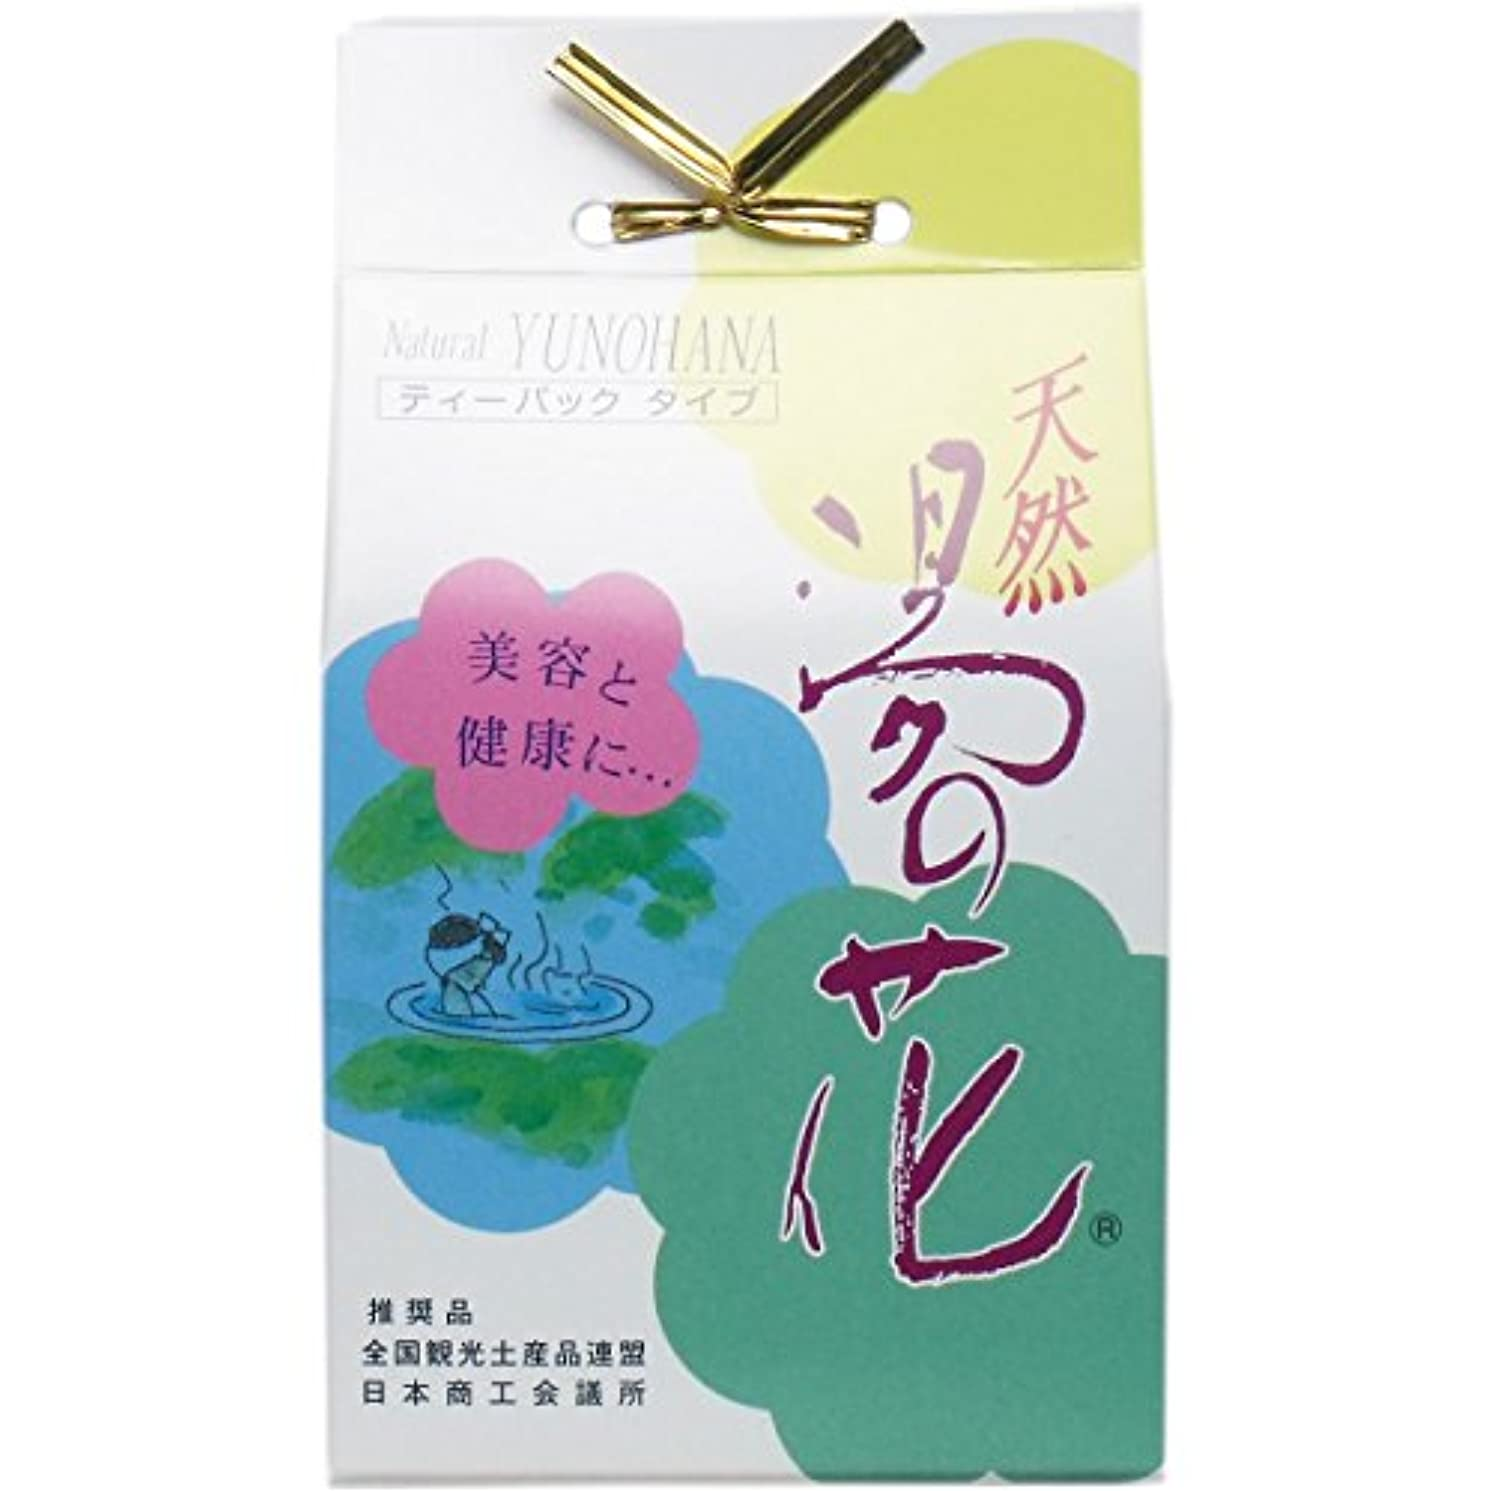 暴露バケット冷淡な天然湯の花 KTS (15g × 3包)